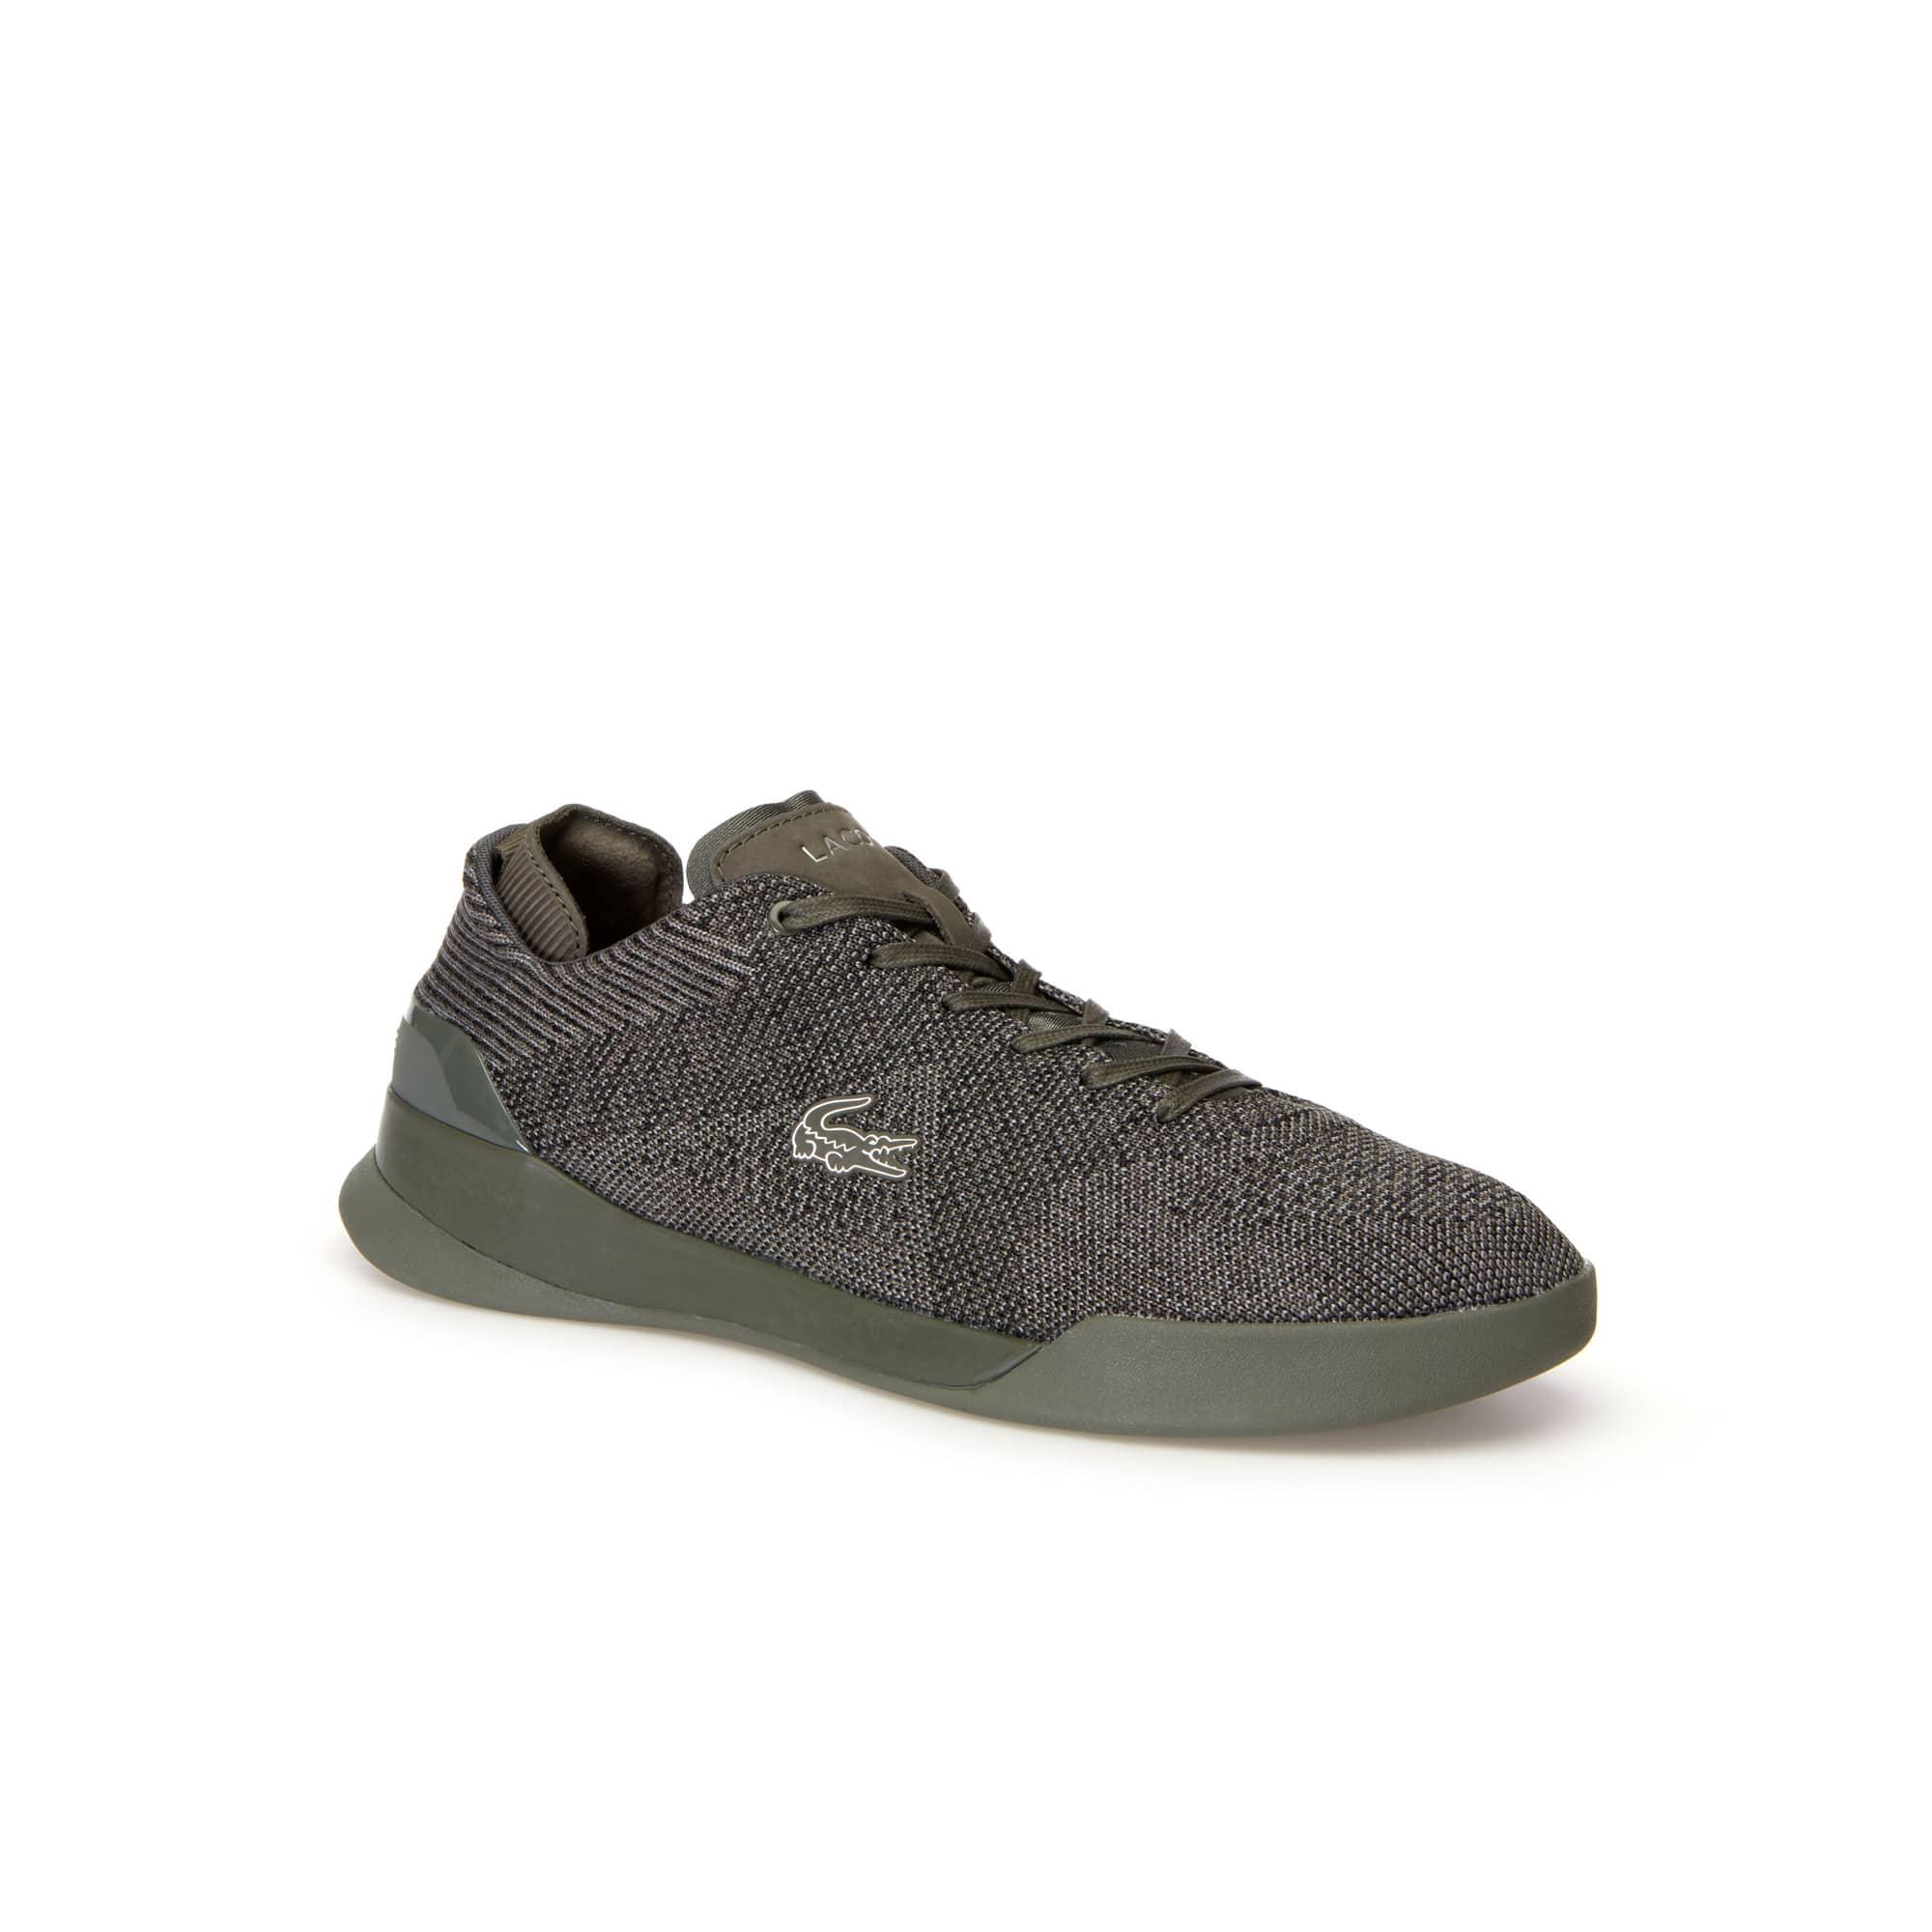 60bdd9b78c8d Herrenschuhe   Lacoste Schuhe für Herren   LACOSTE